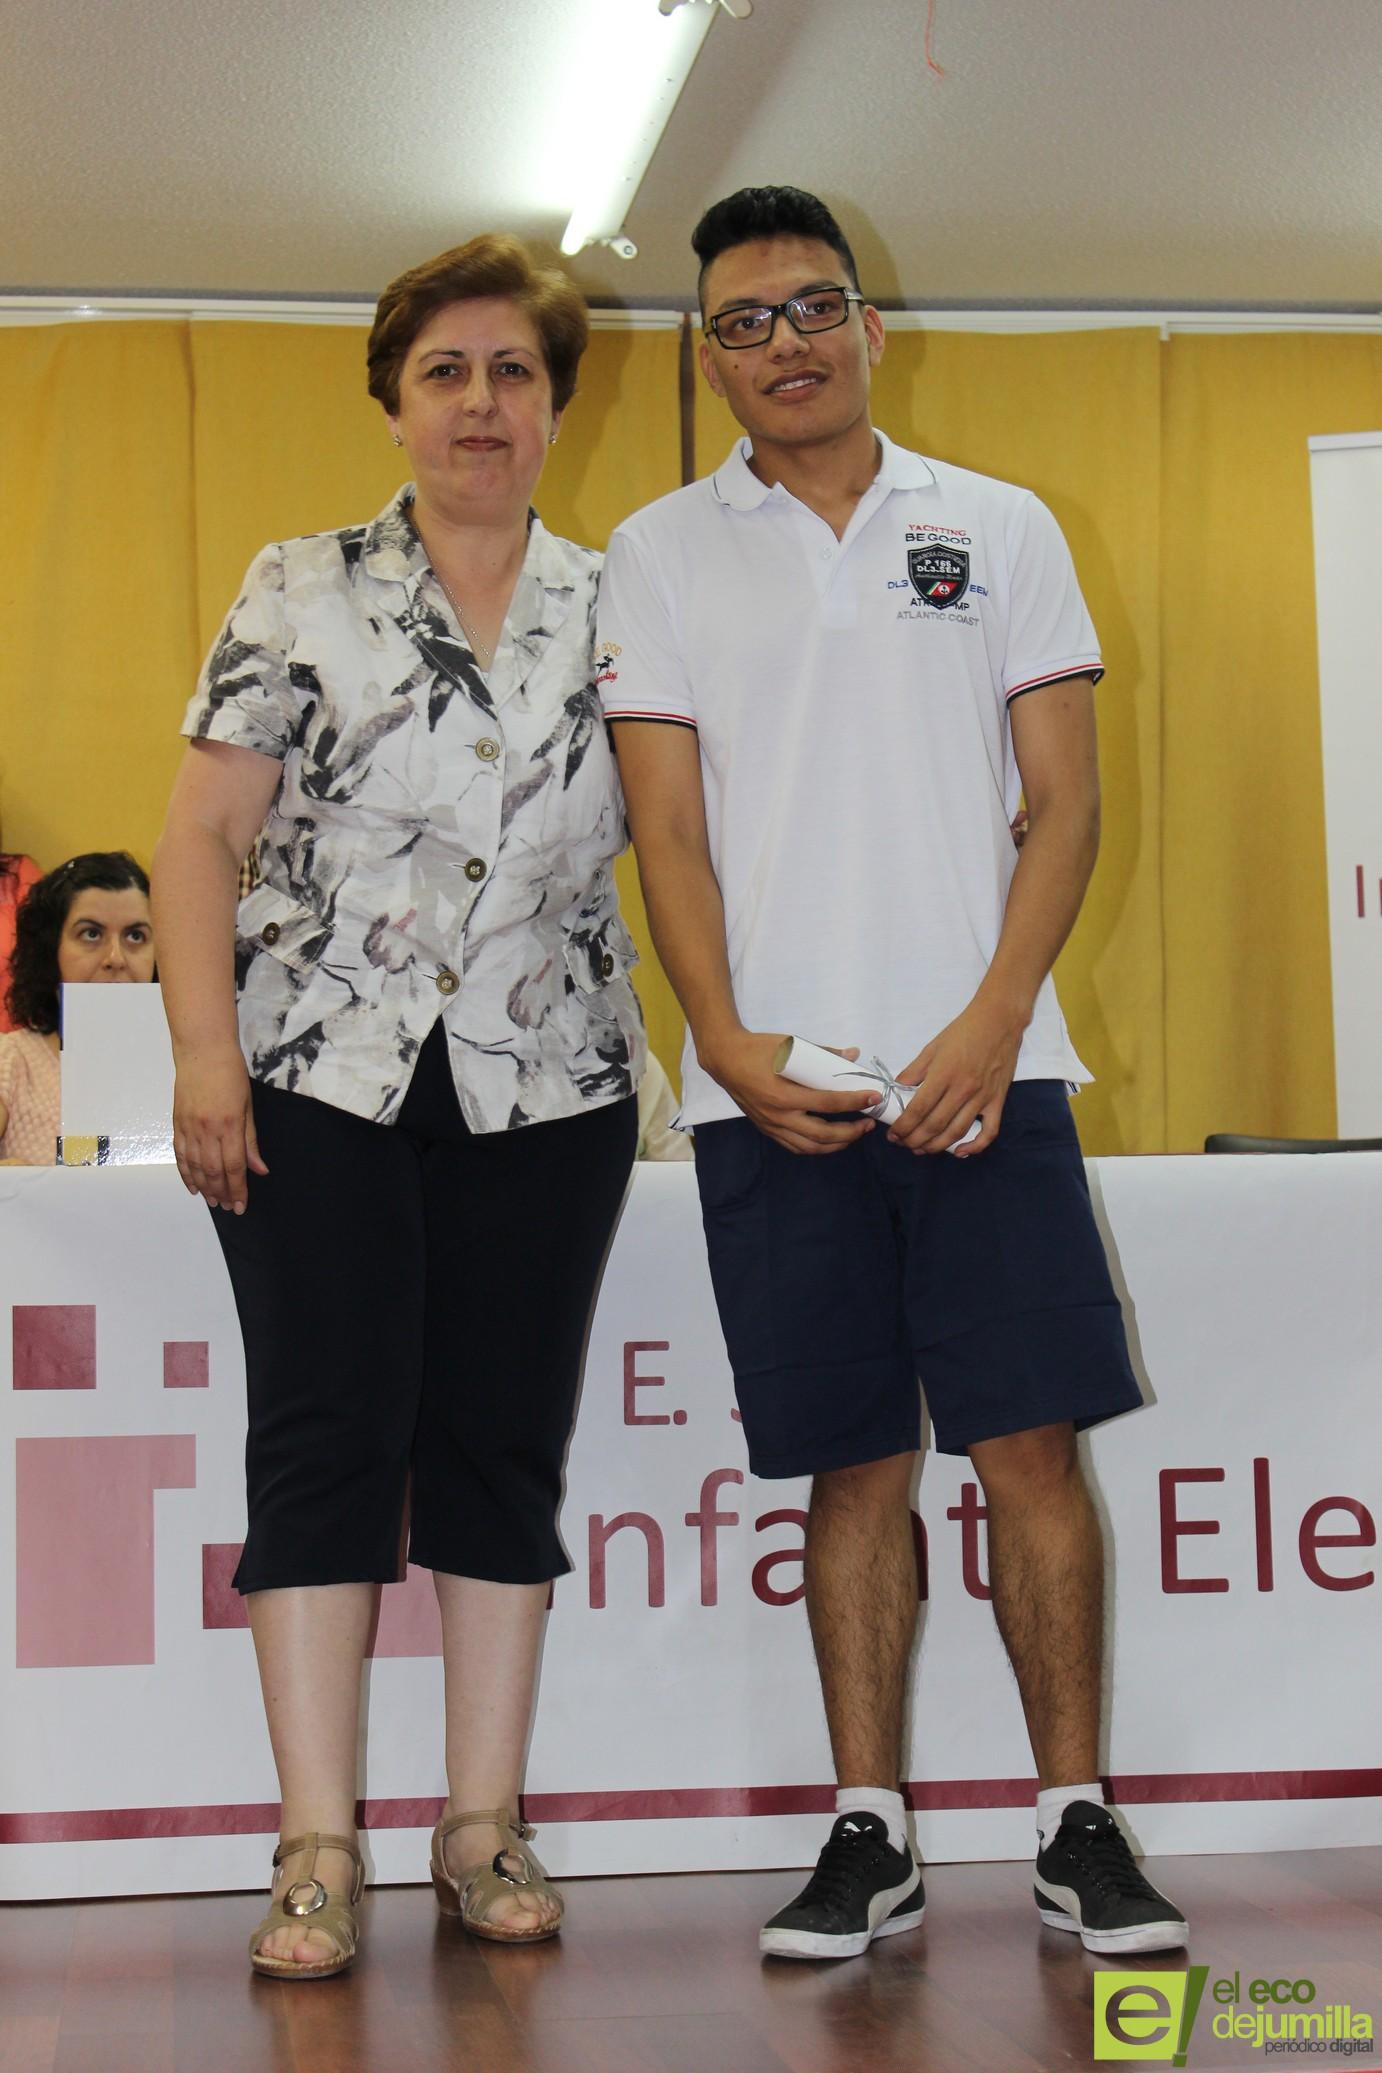 Los alumnos de 4º de ESO del IES Infanta Elena celebran hoy su